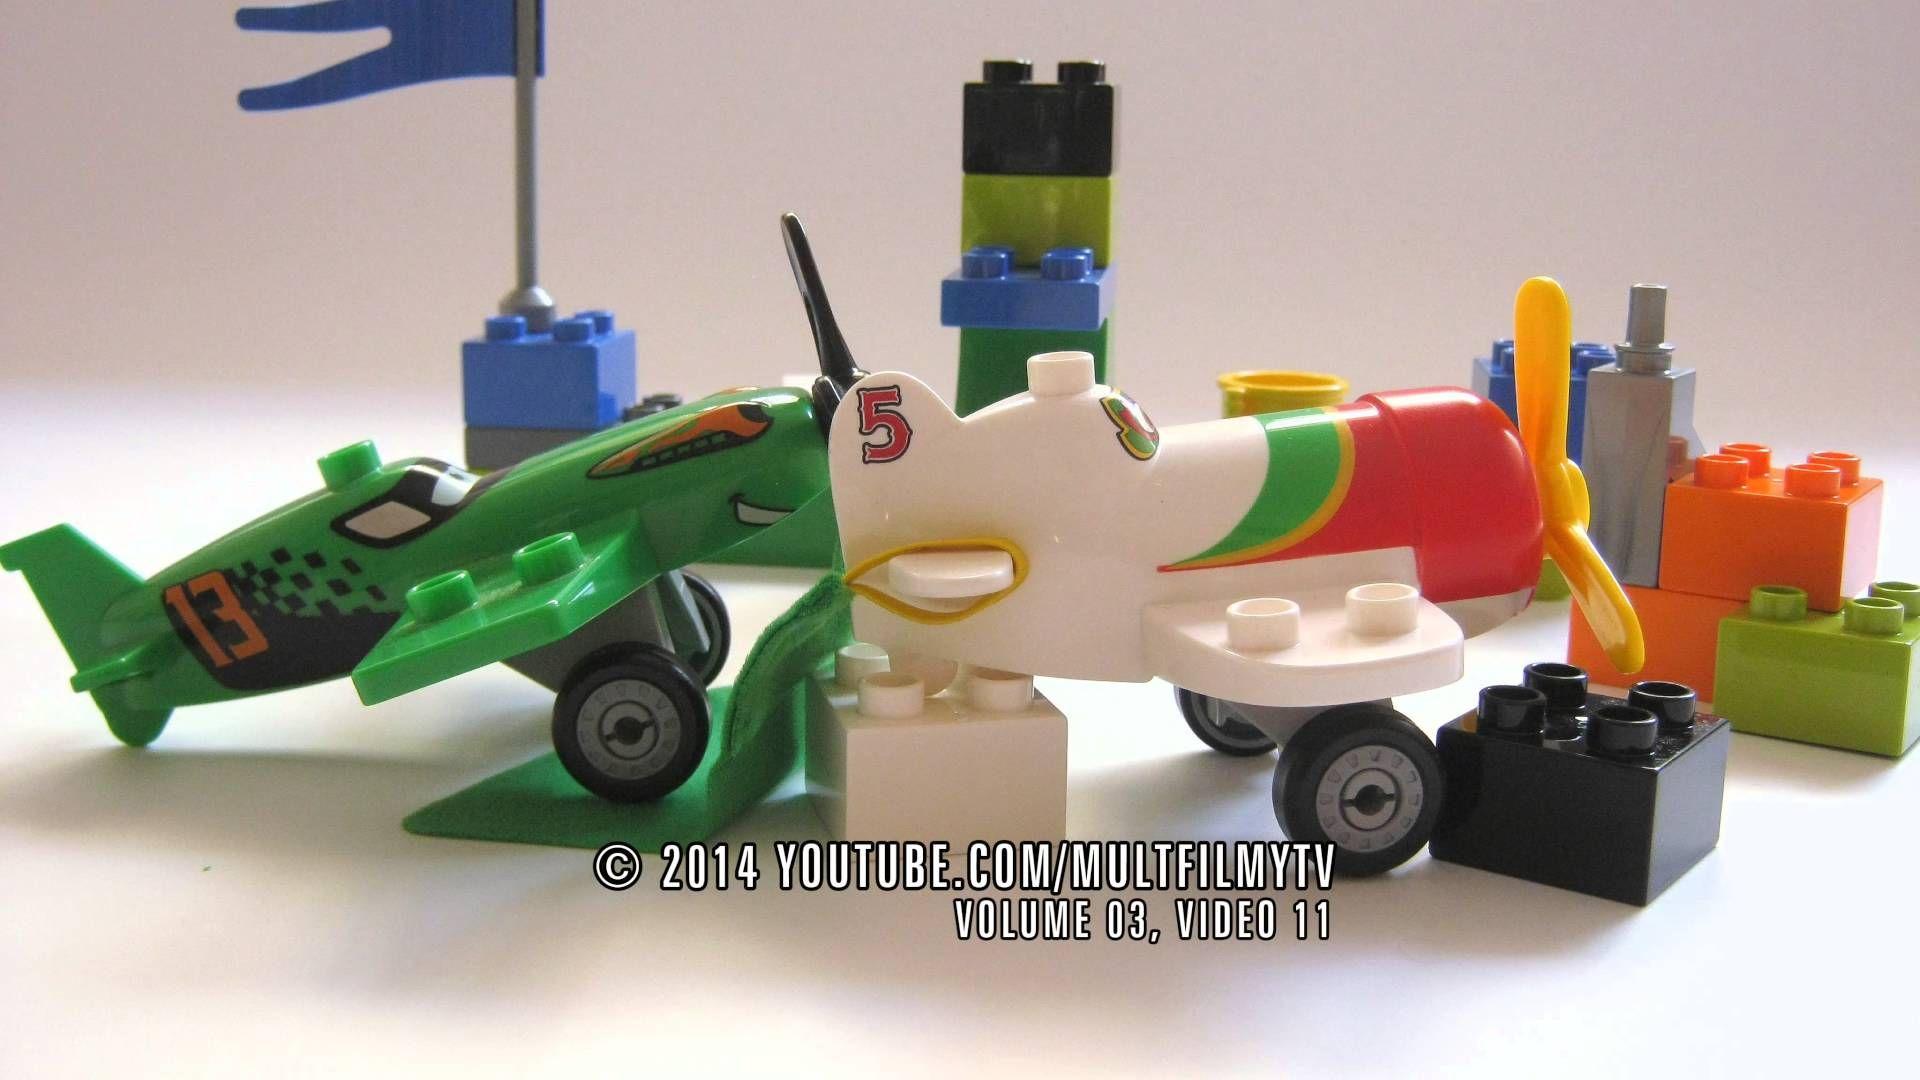 Игрушки для мальчиков. Лего Мультик про Дисней самолеты и Дисней Тачки с игрушечными машинками и самолетиками Лего Дупло